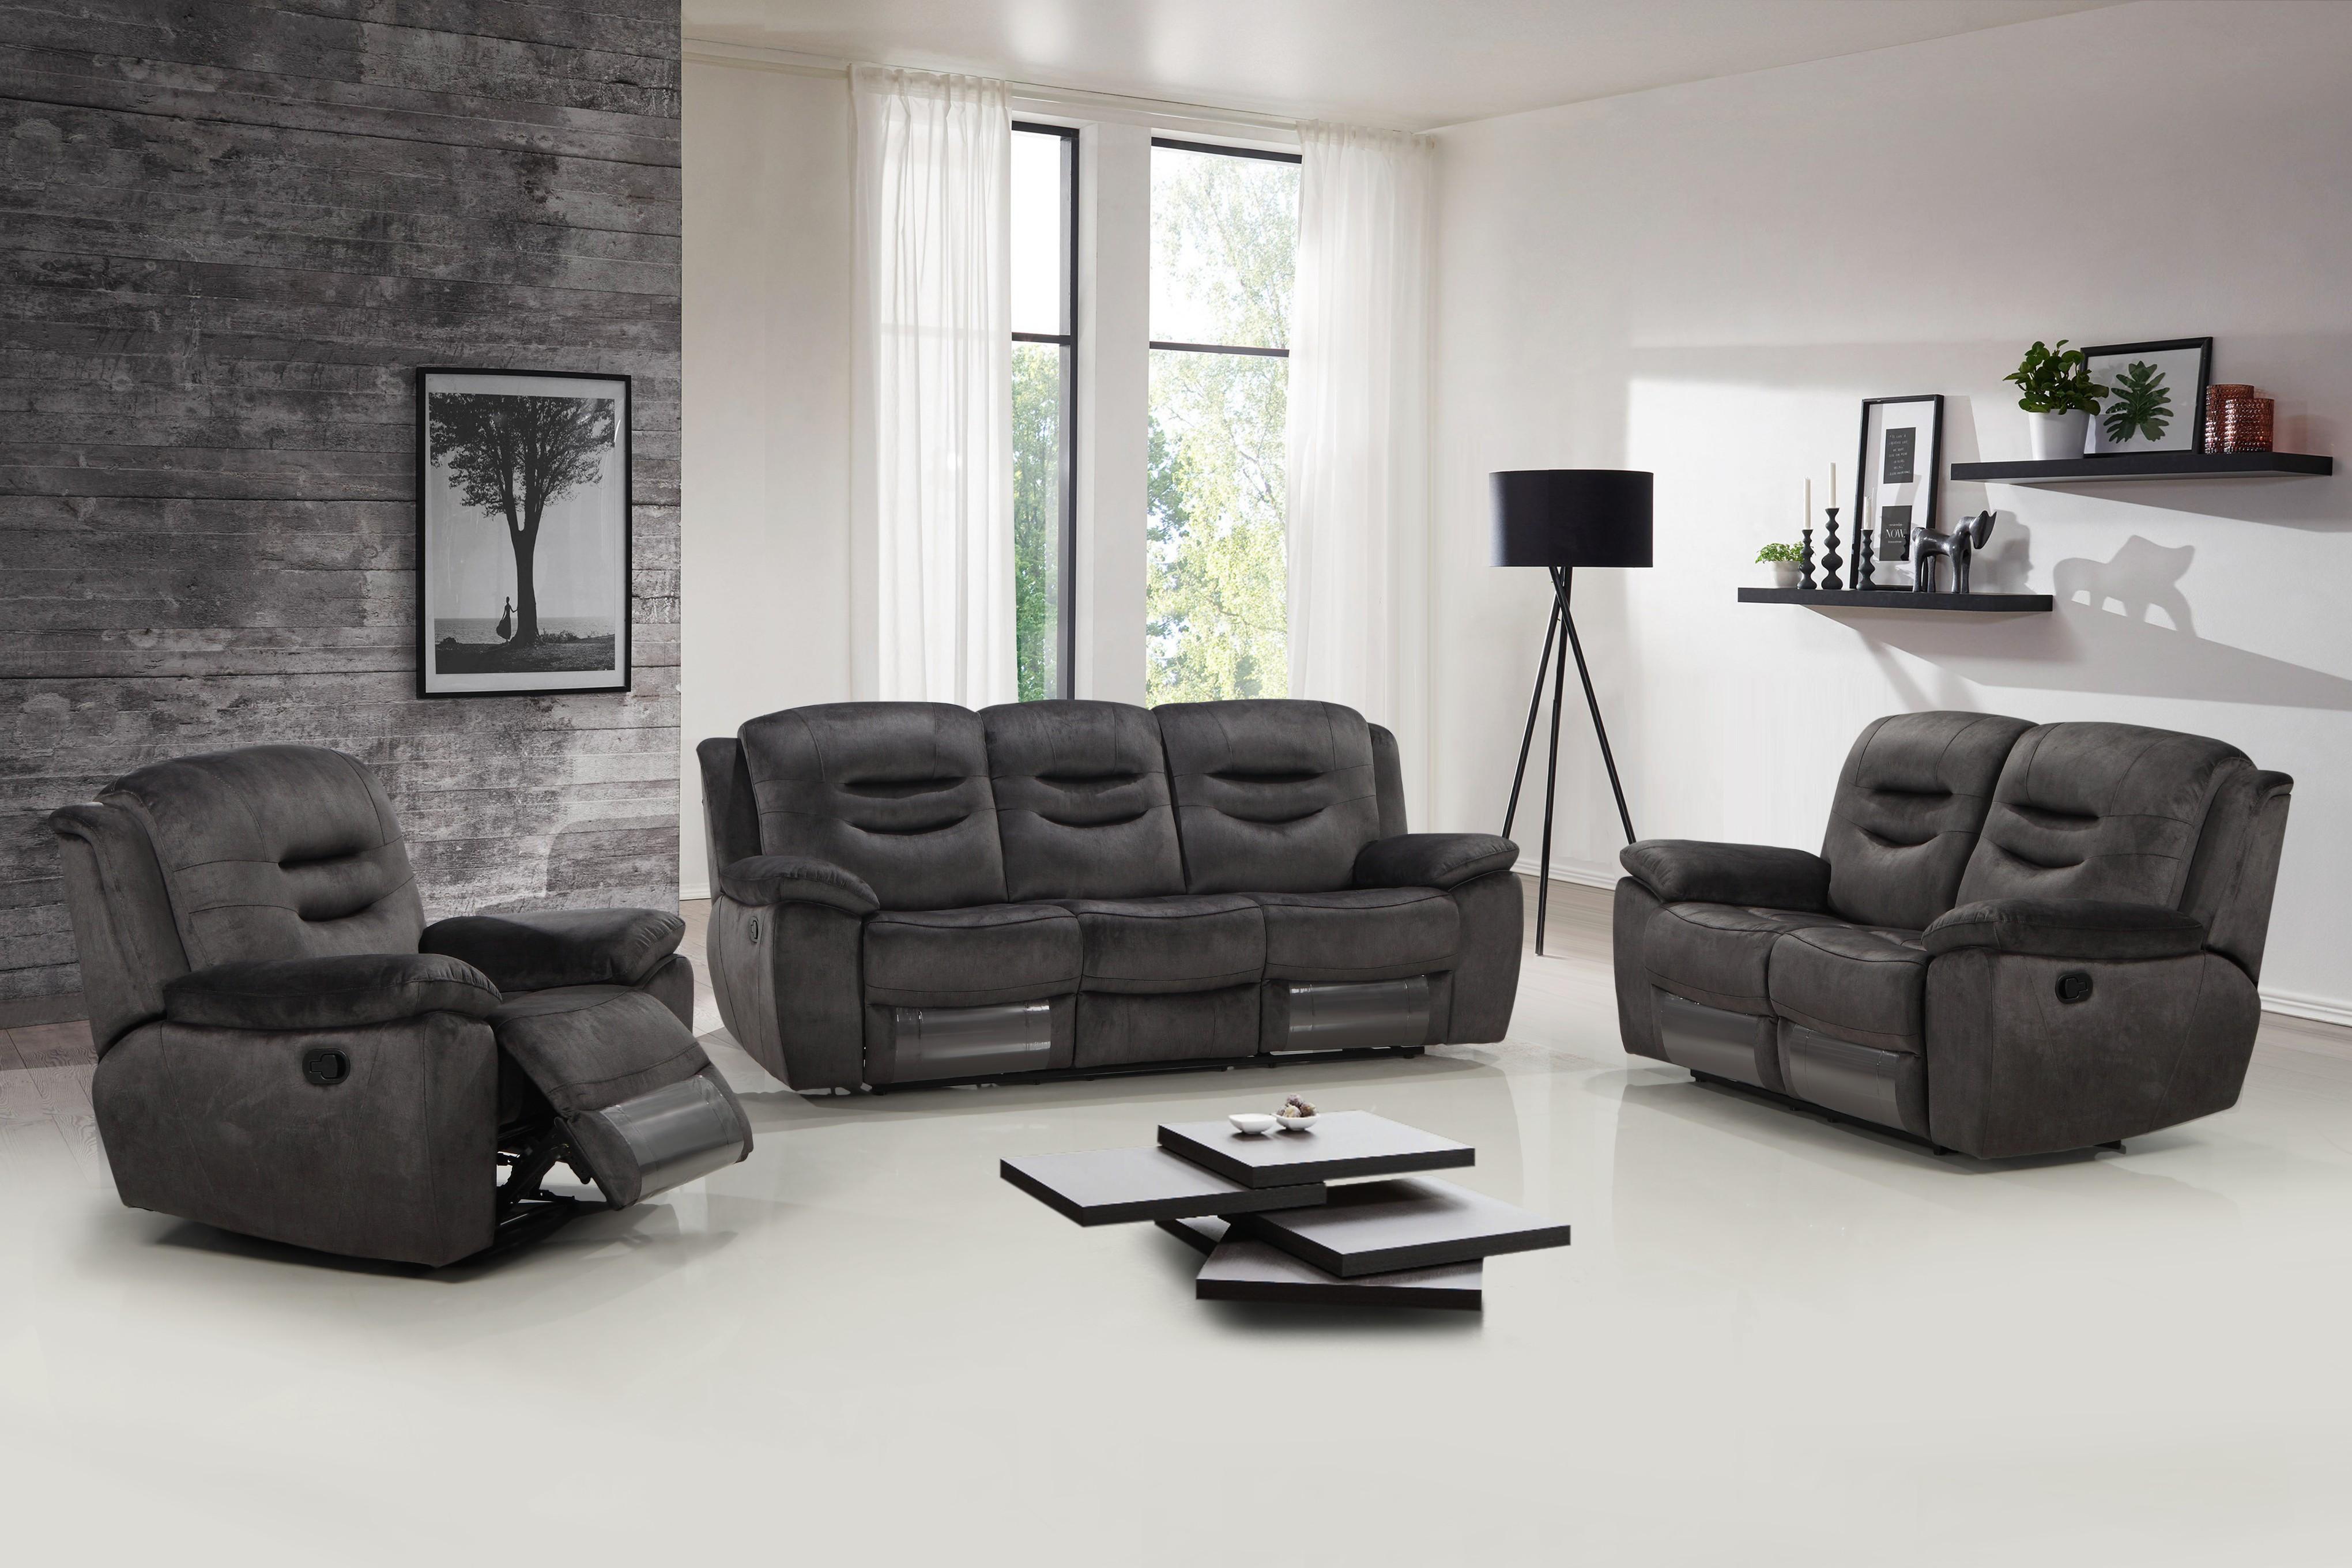 Välkända Biosoffor & Reclinersoffor   Folkets Möbler   Beställ online idag! UR-74